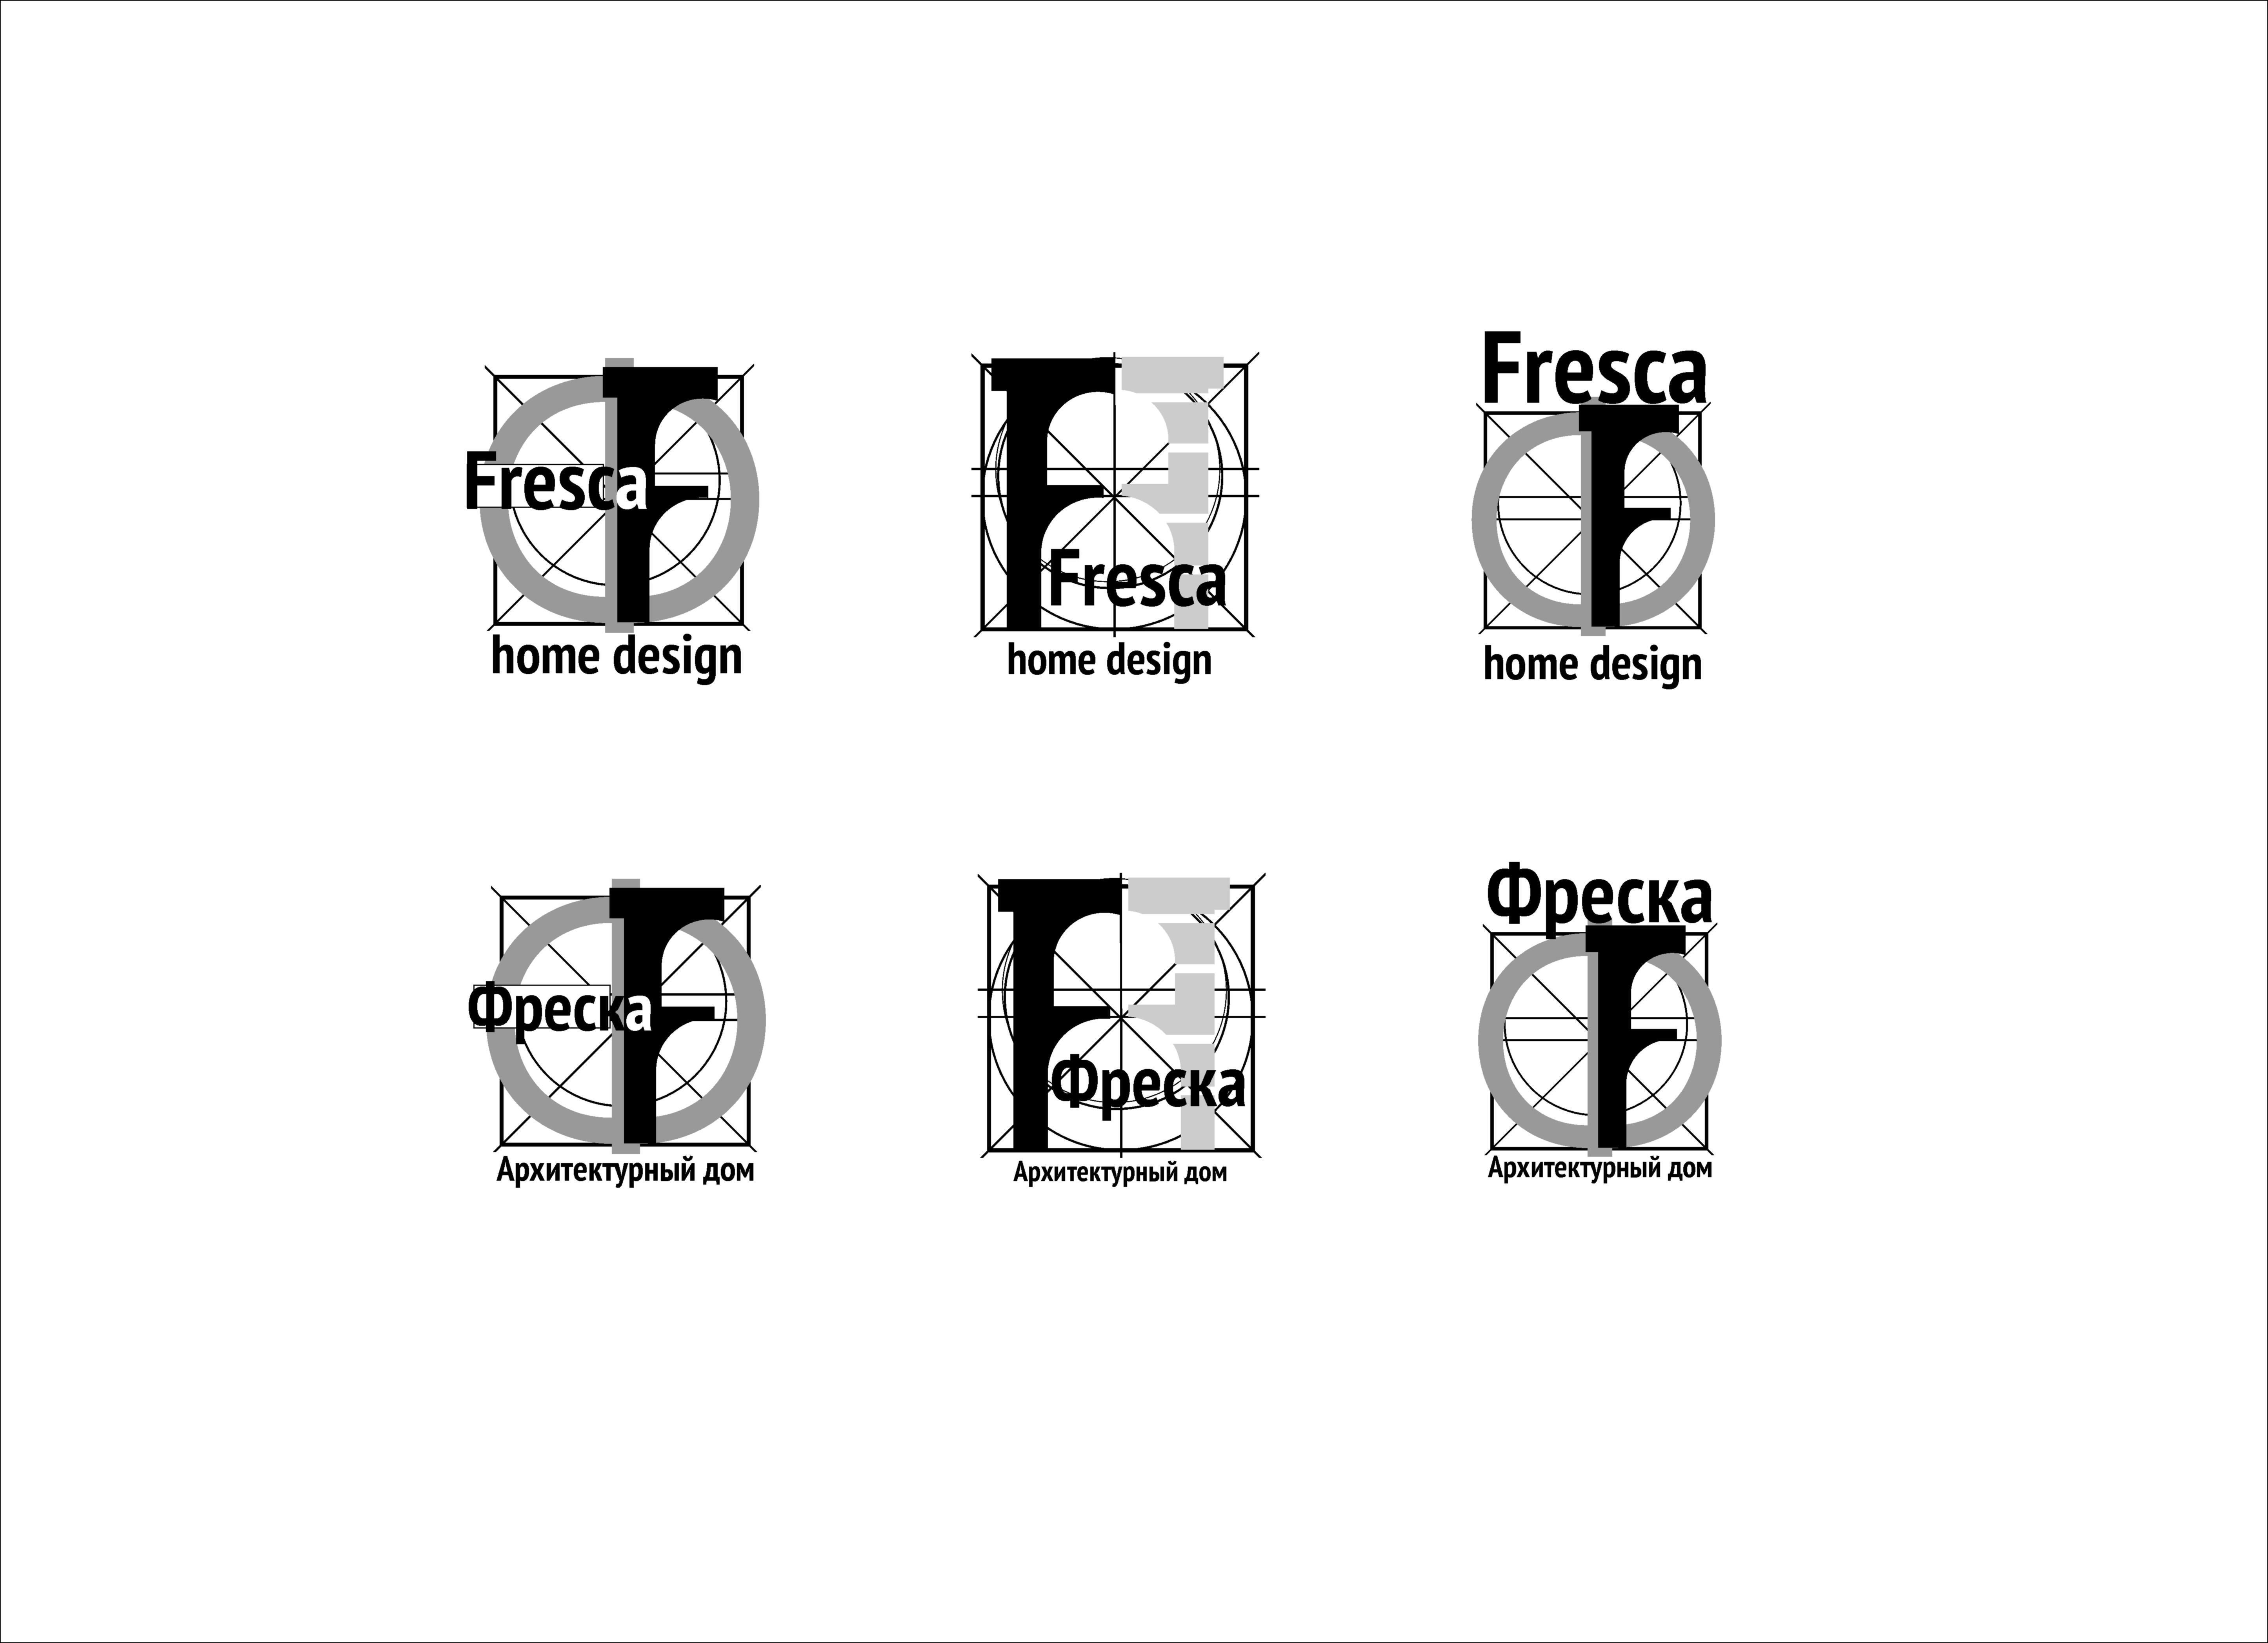 Разработка логотипа и фирменного стиля  фото f_2125aa97e2a67506.jpg